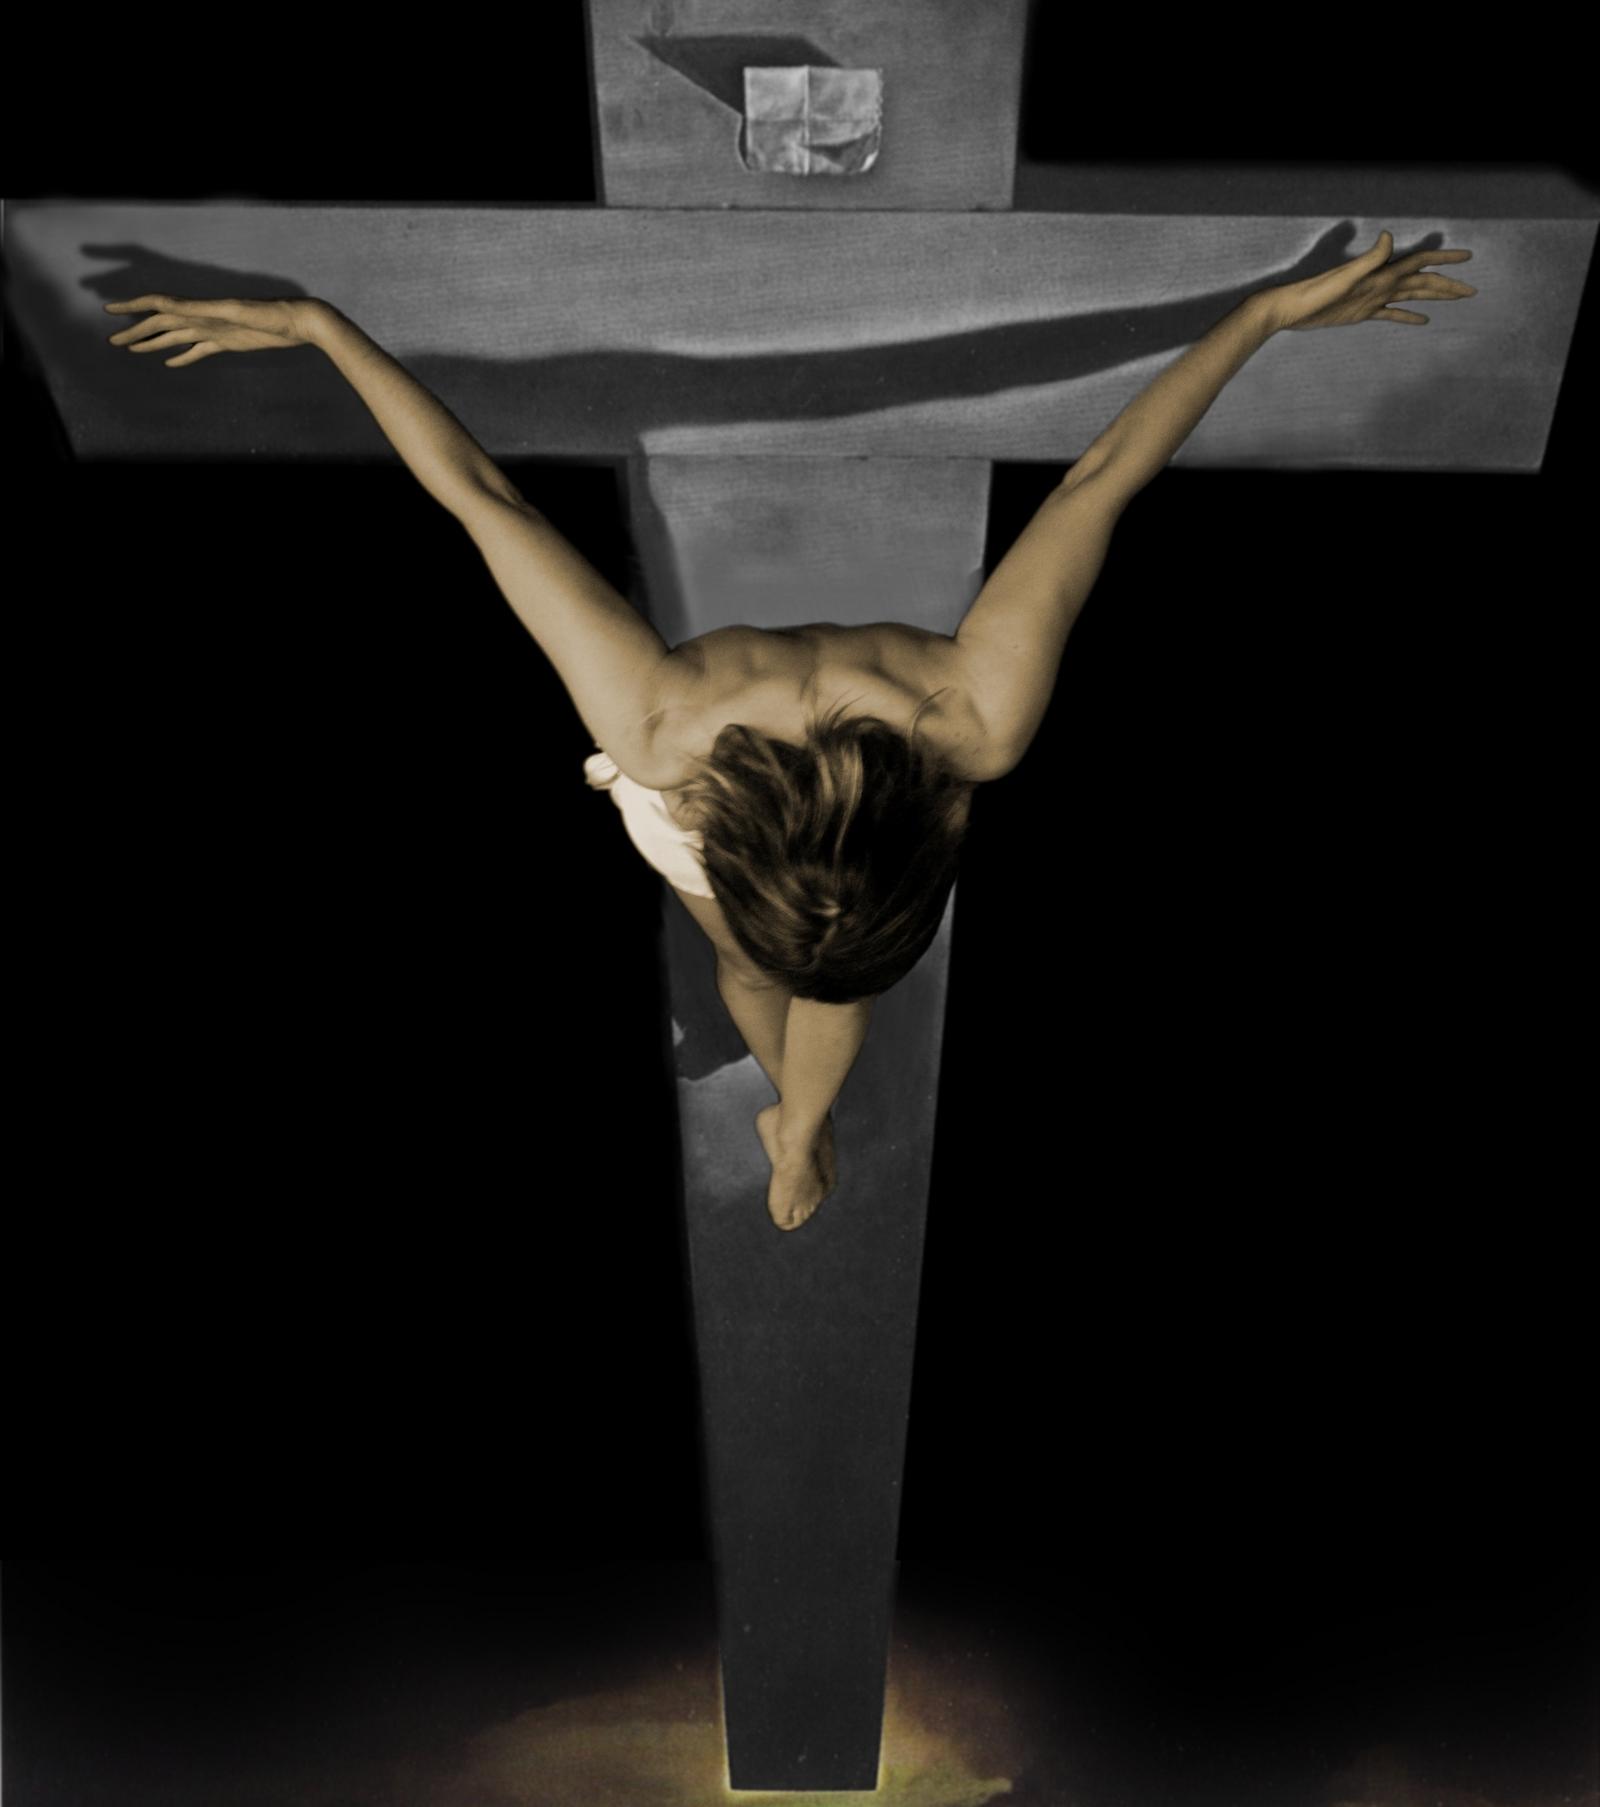 . ¡Cuidado! Quieren Negar el símbolo de la Cruz diciendo que Jesús fue Crucificado de Otra Forma; mira los argumentos